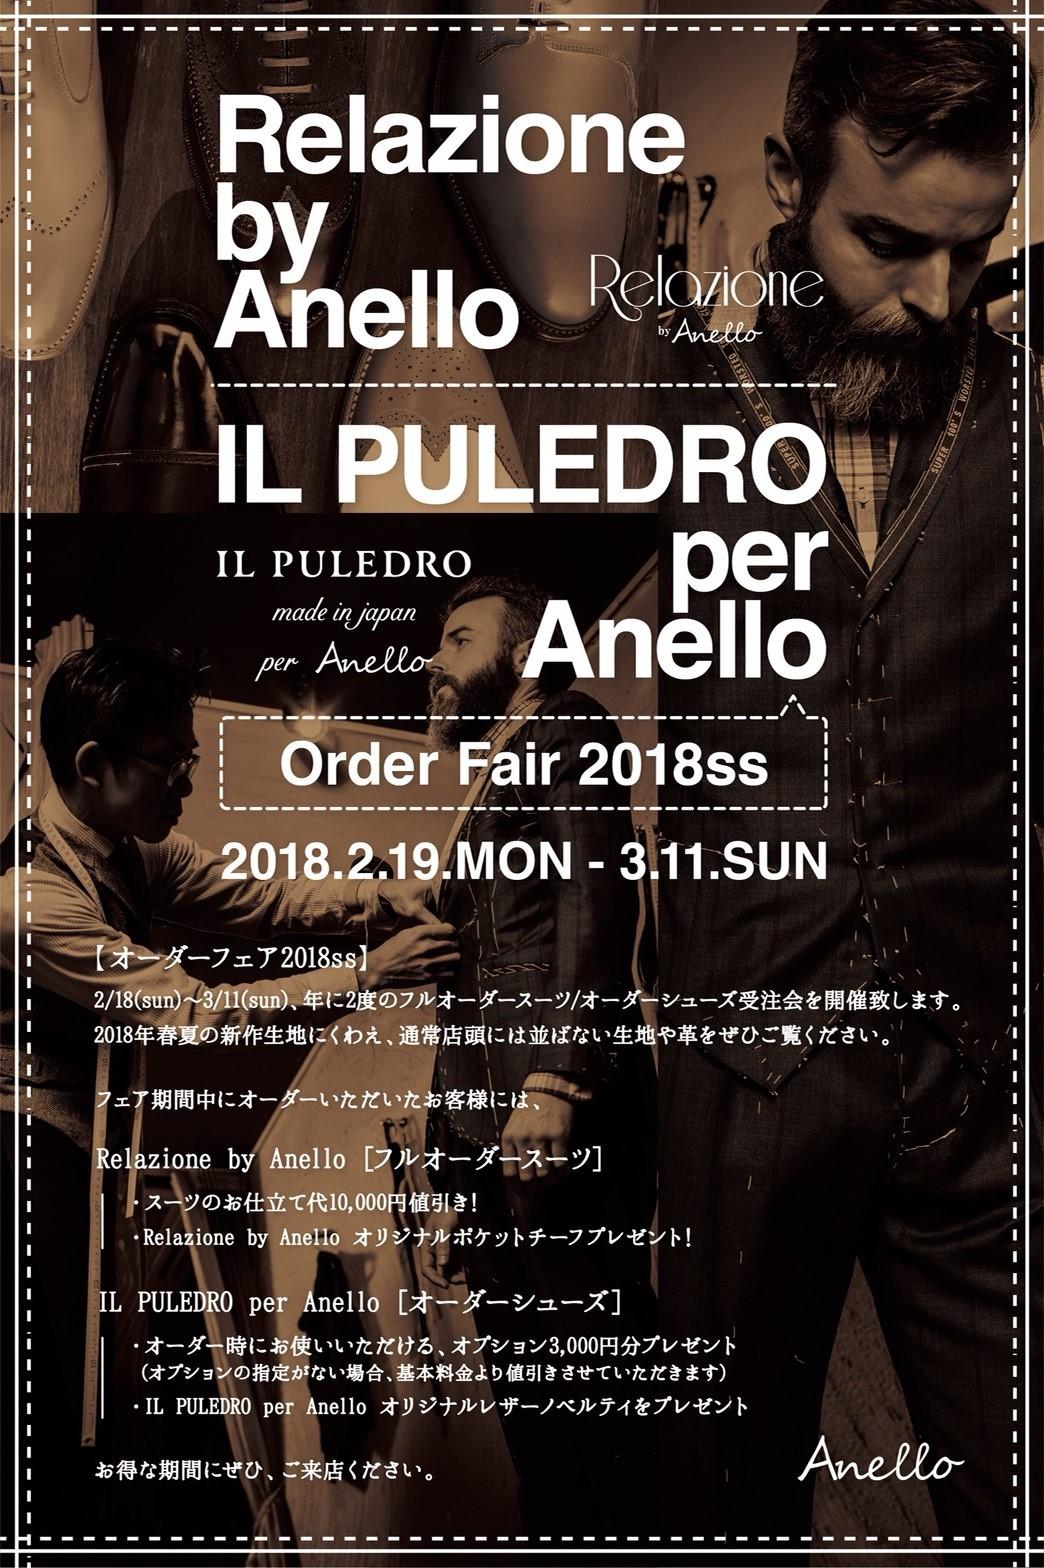 Order Fair 2018ss START!!!!!!_d0165136_22180692.jpg